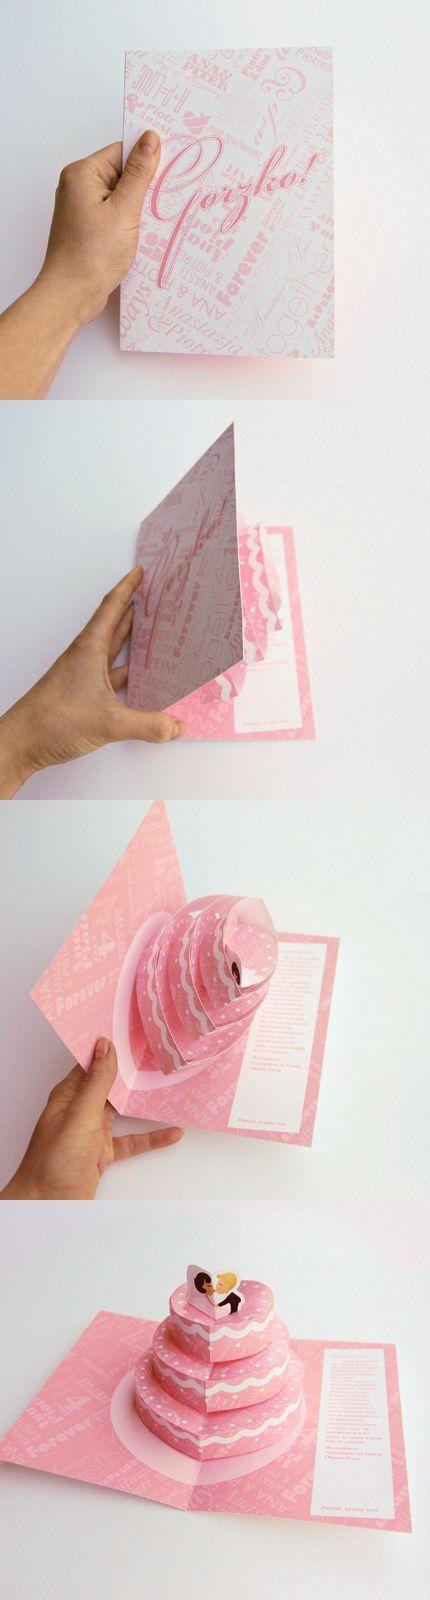 63 diseños de invitaciones para boda realmente creativas Diseño de - invitaciones para boda originales